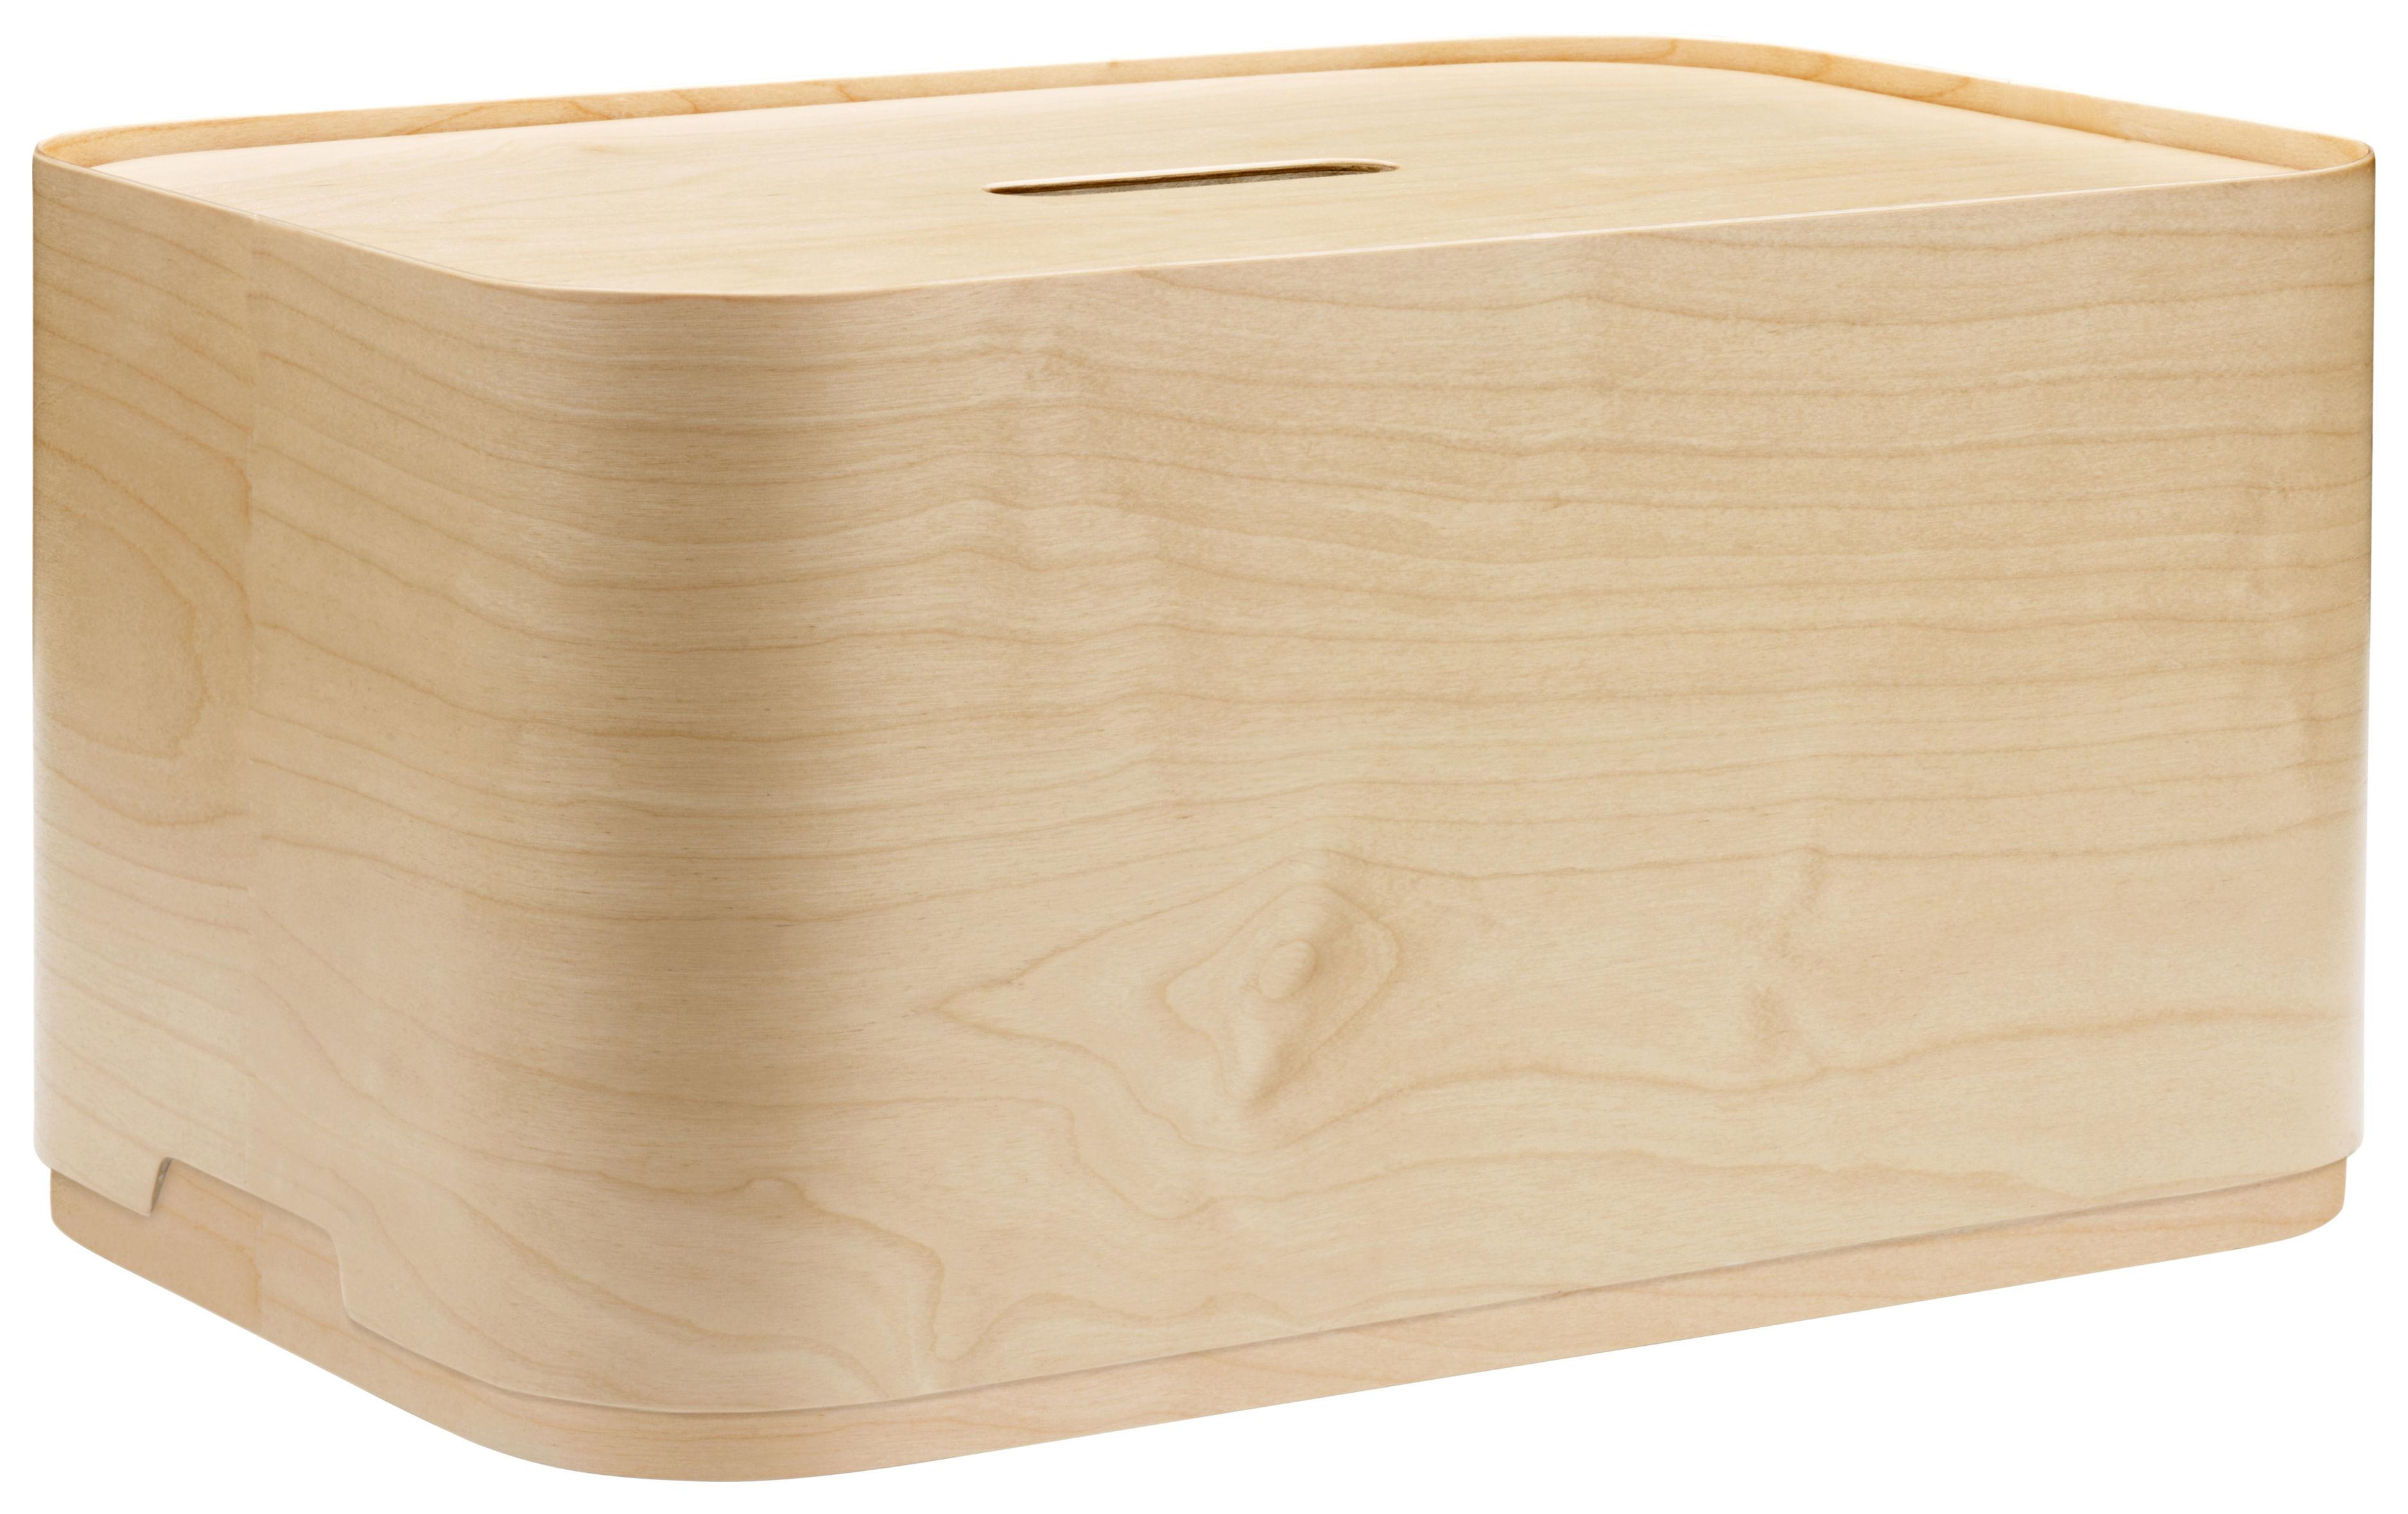 Déco - Boîtes déco - Boîte Vakka / 45 x 30 x H 23 cm - Iittala - Bois naturel - Contreplaqué